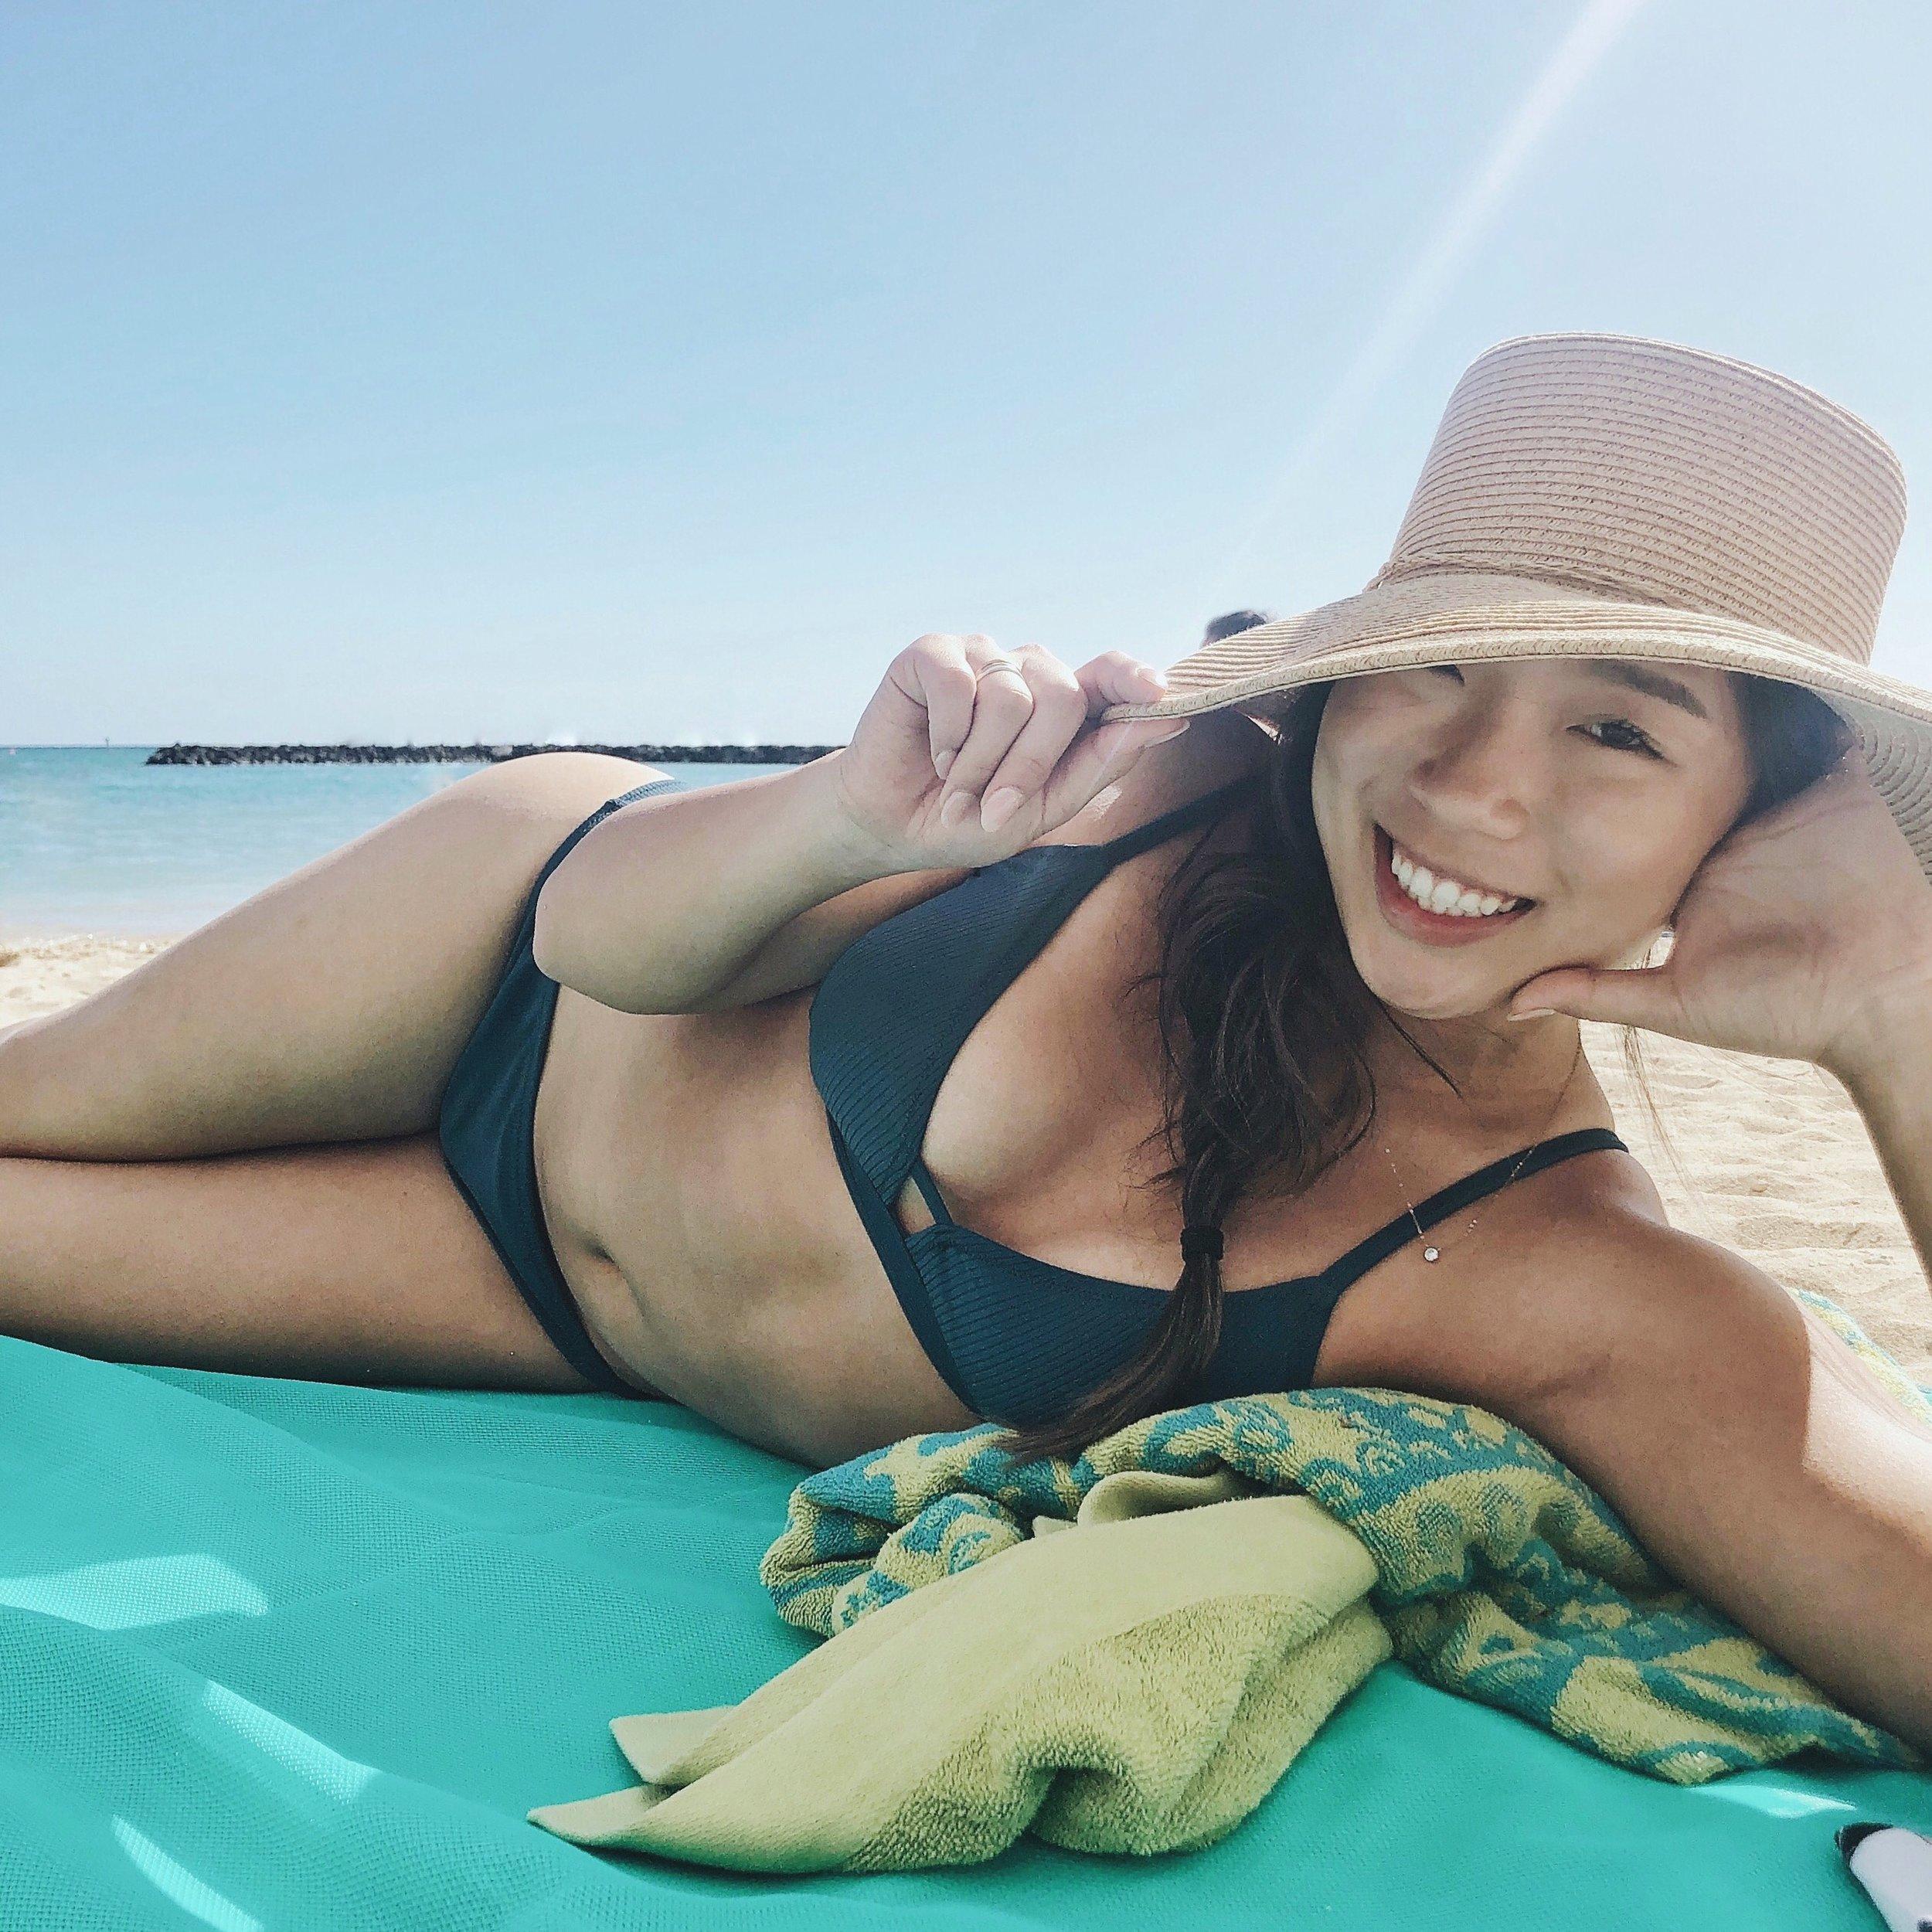 Bikini  |  Sun Hat  |  Necklace  |  Beach Mat